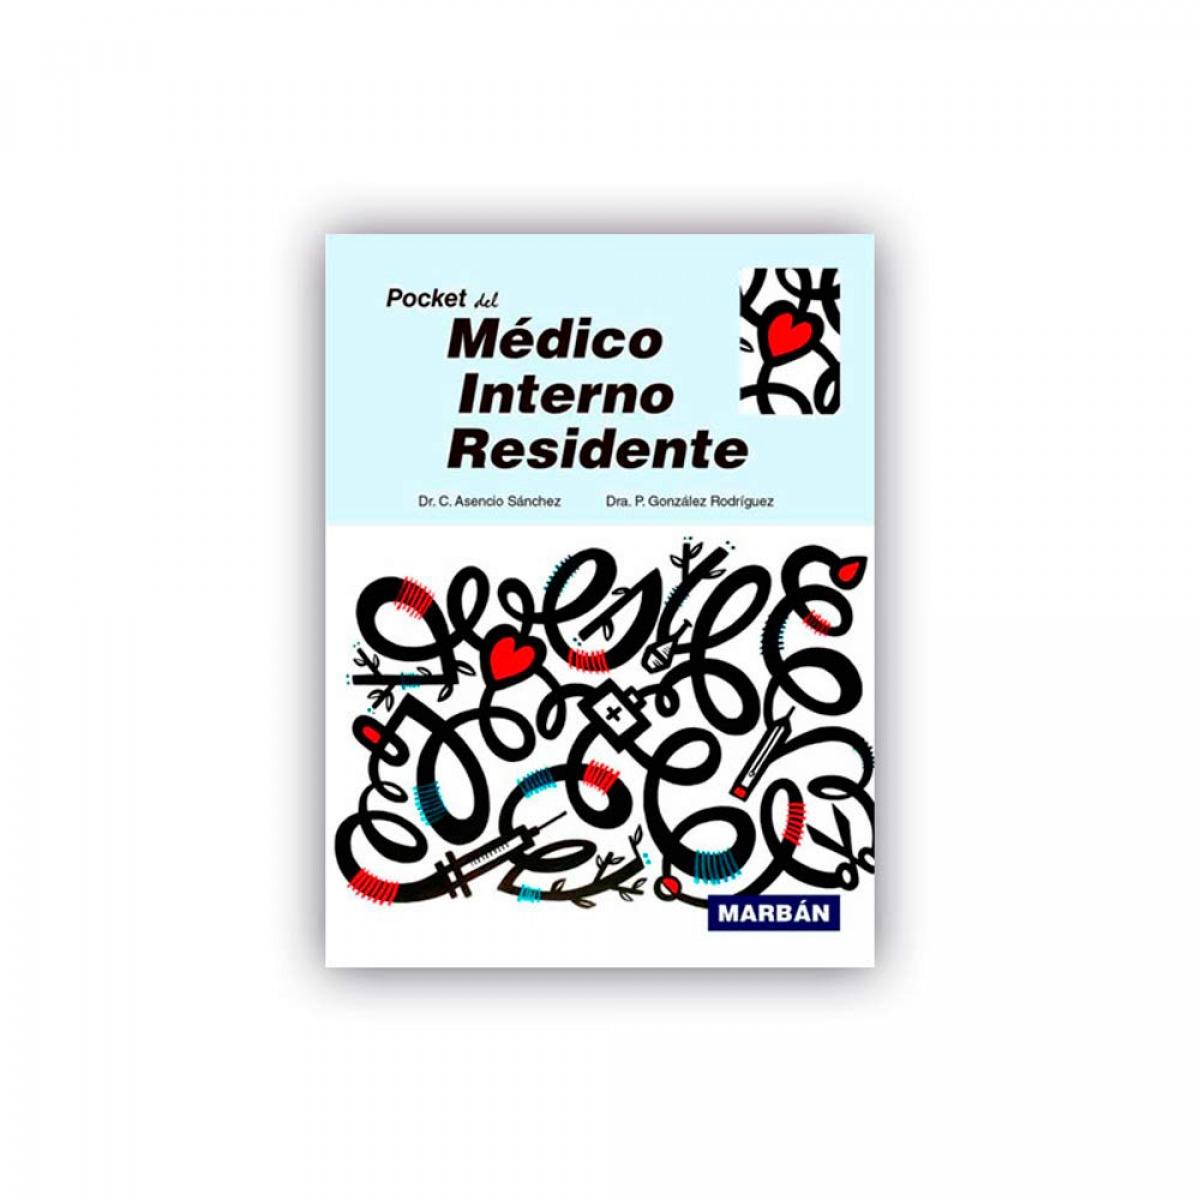 Pocket del Médico Interno Residente